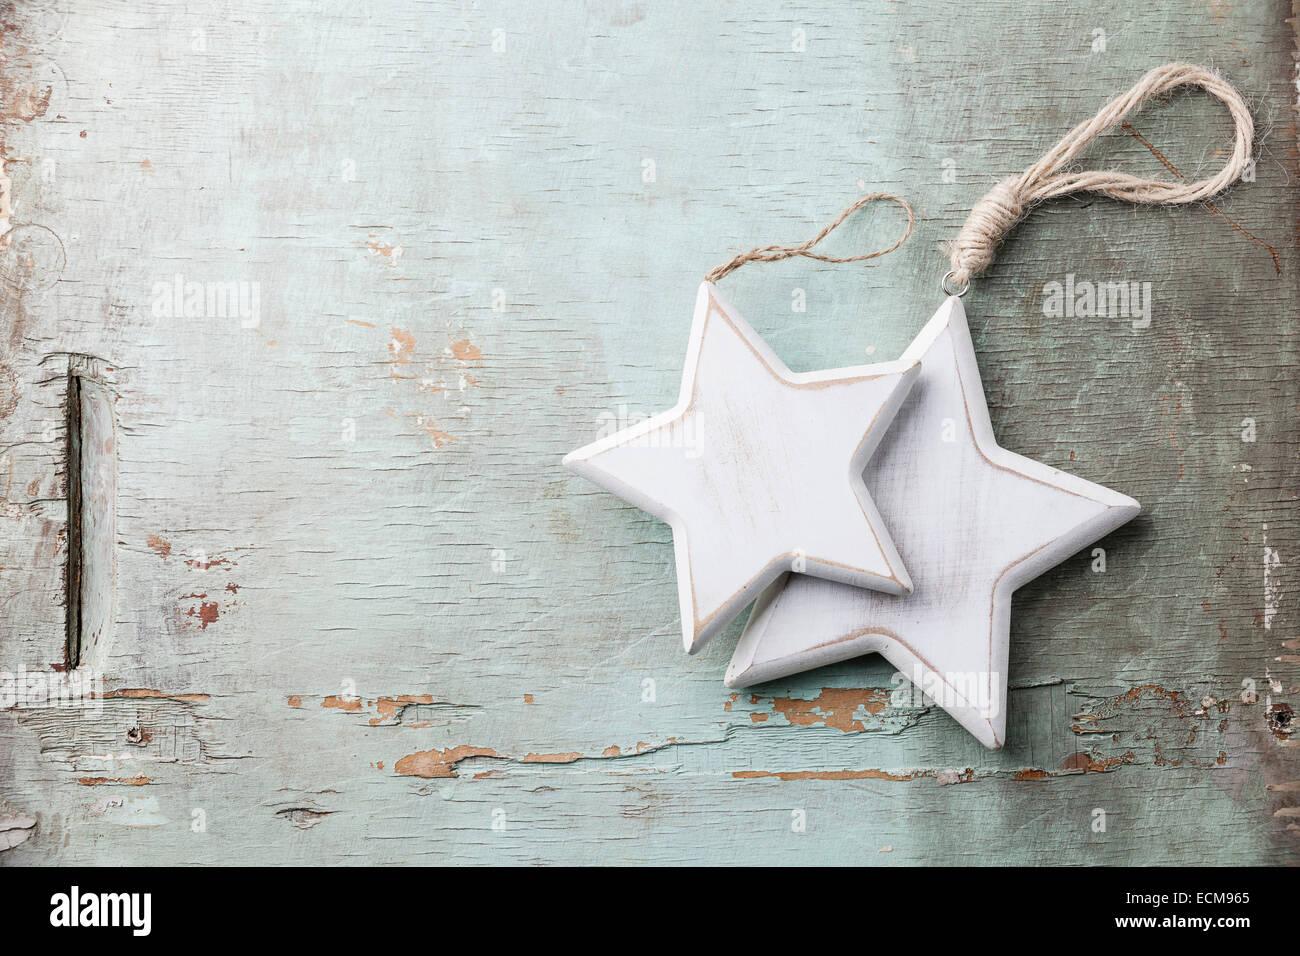 Hölzernen Weihnachtsdekoration Sterne auf blauem strukturierten Hintergrund Stockbild